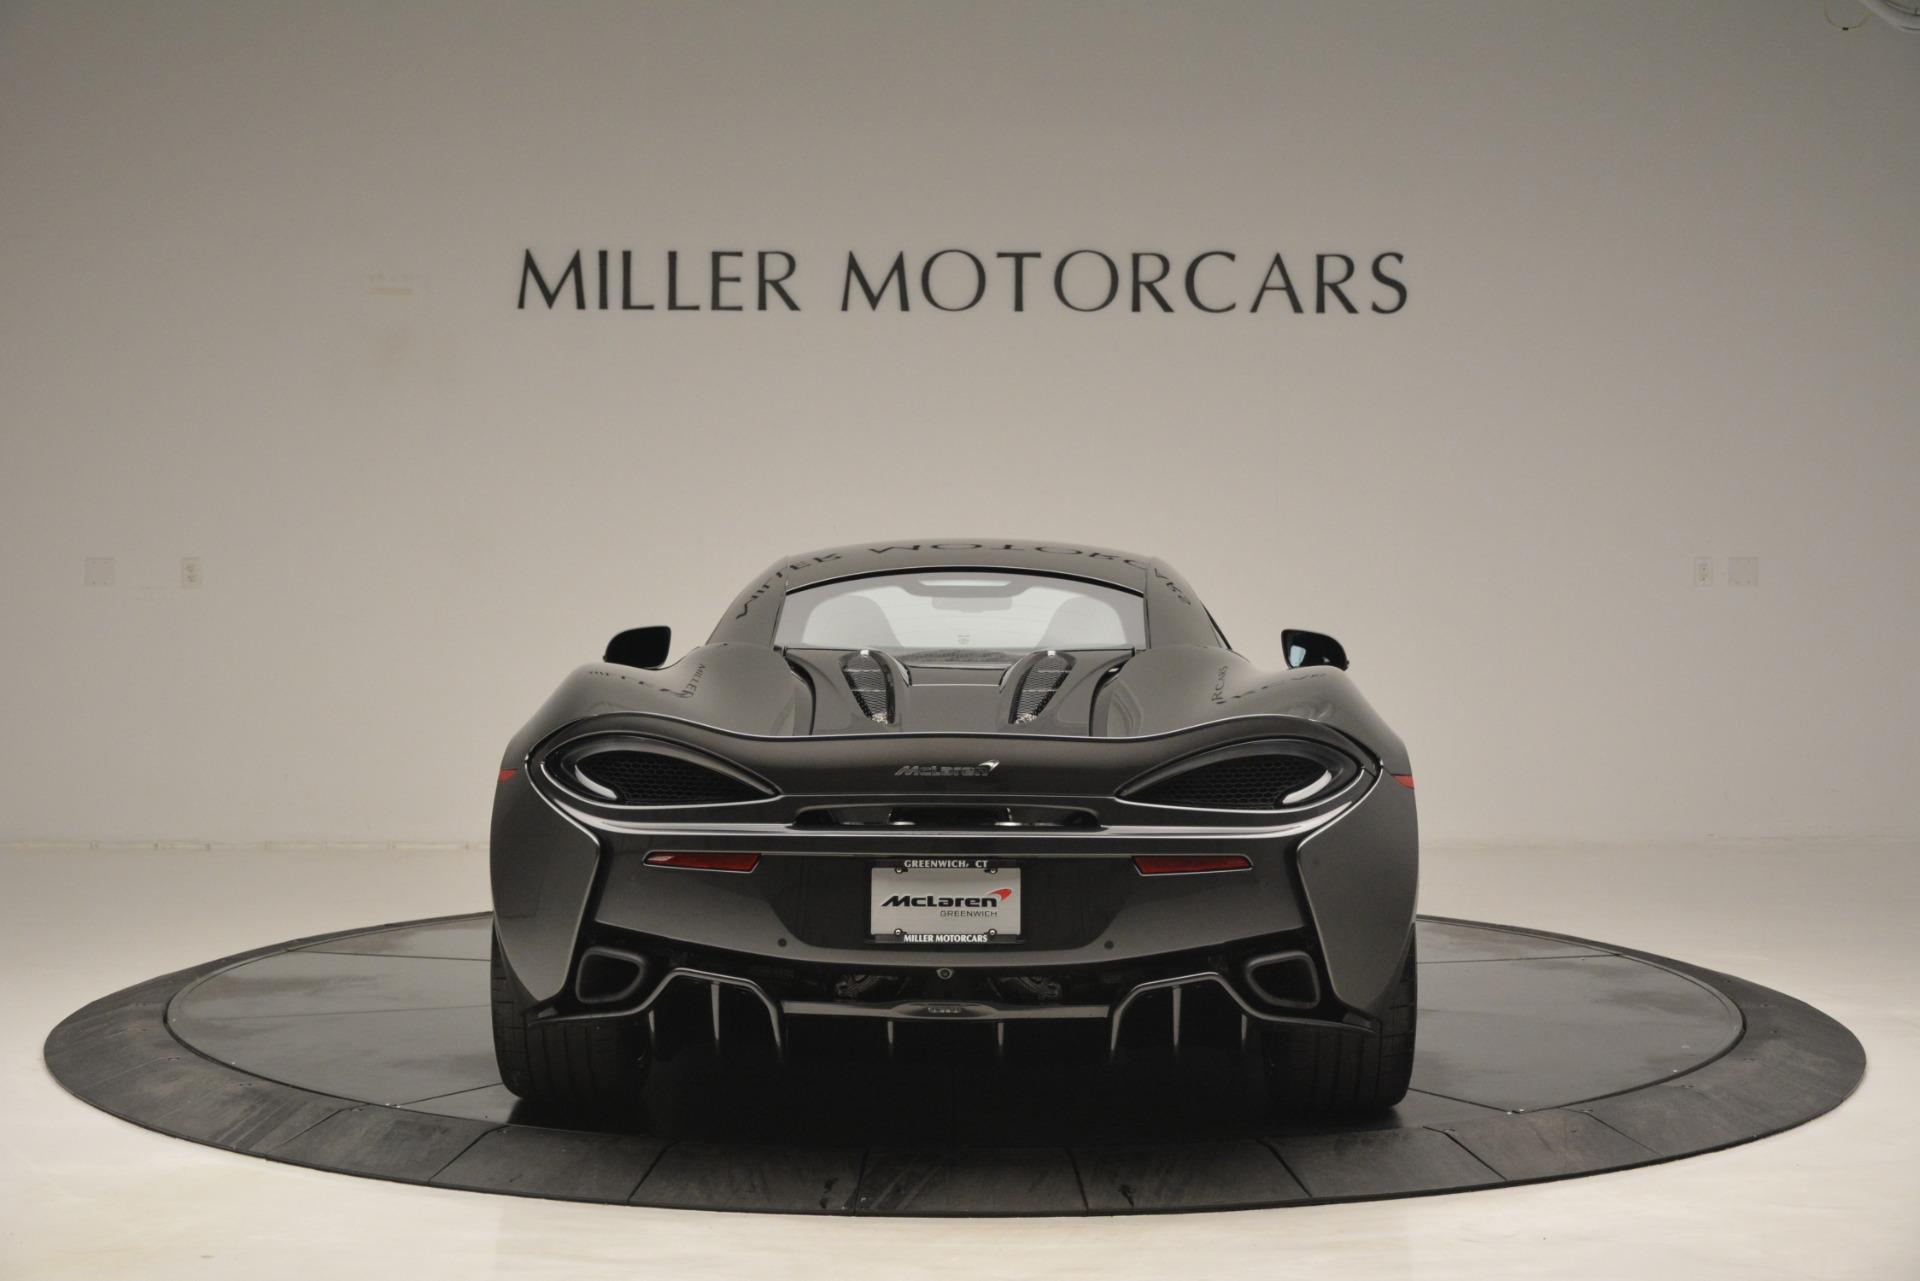 New 2019 McLaren 570S Coupe For Sale In Westport, CT 2968_p6